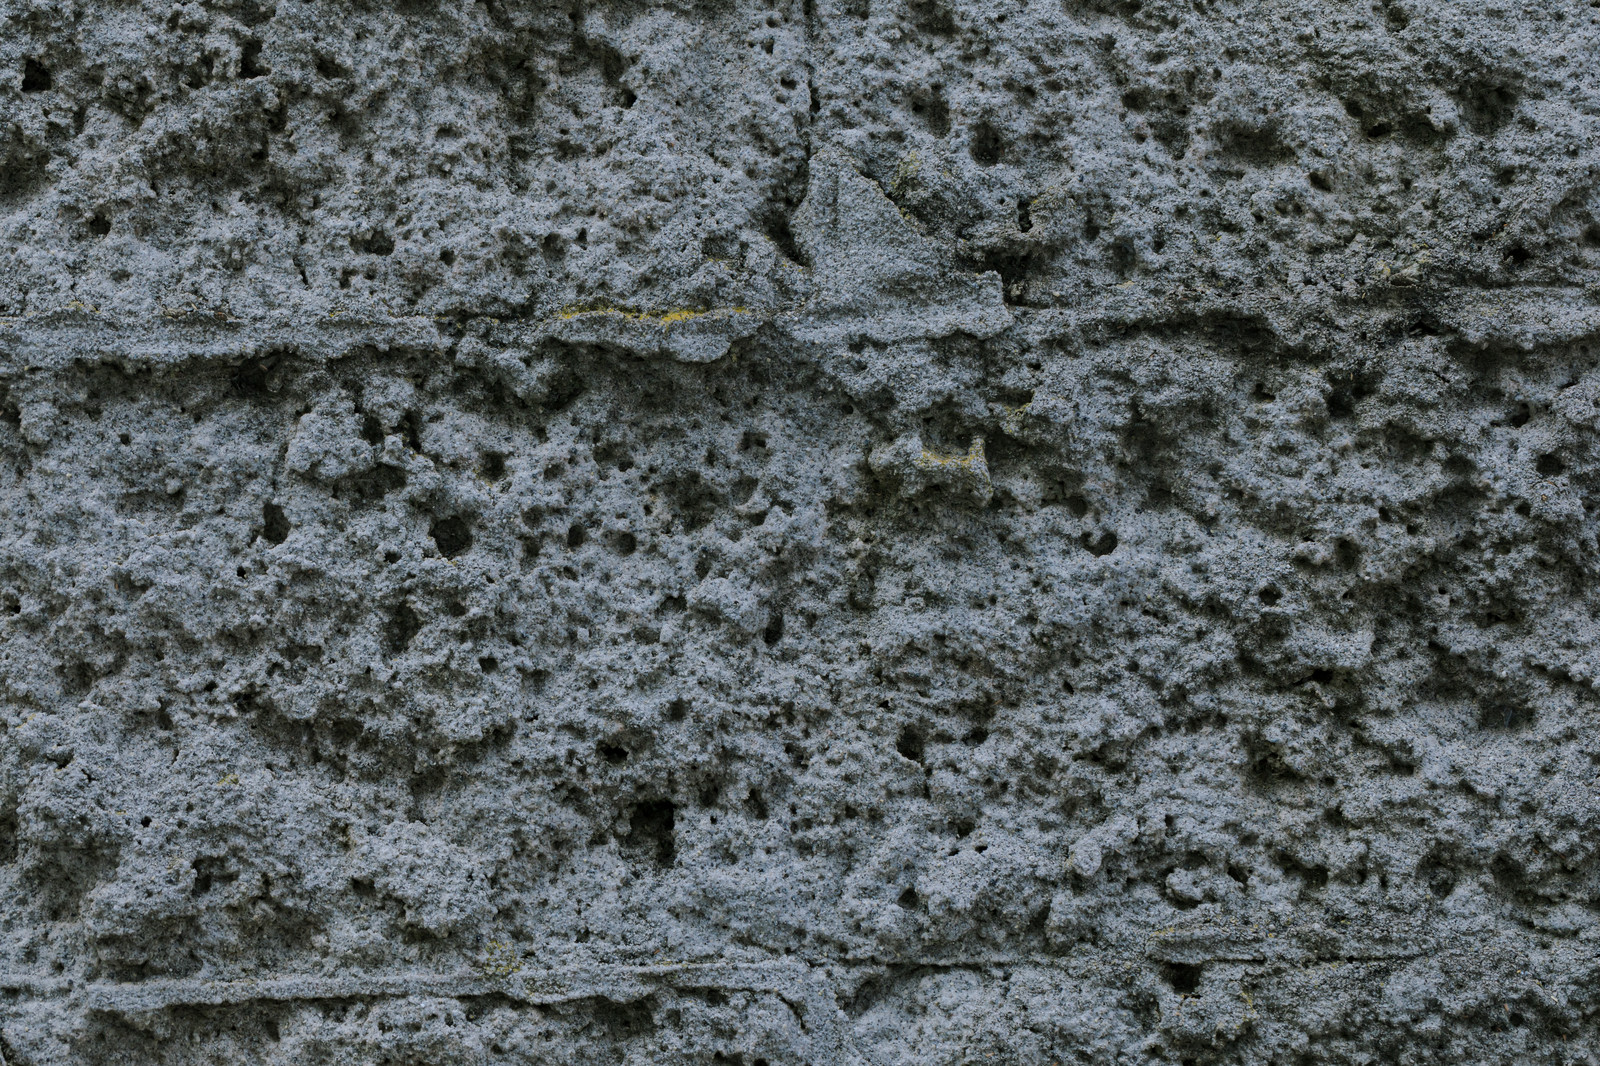 「溶けてしまったような壁」の写真